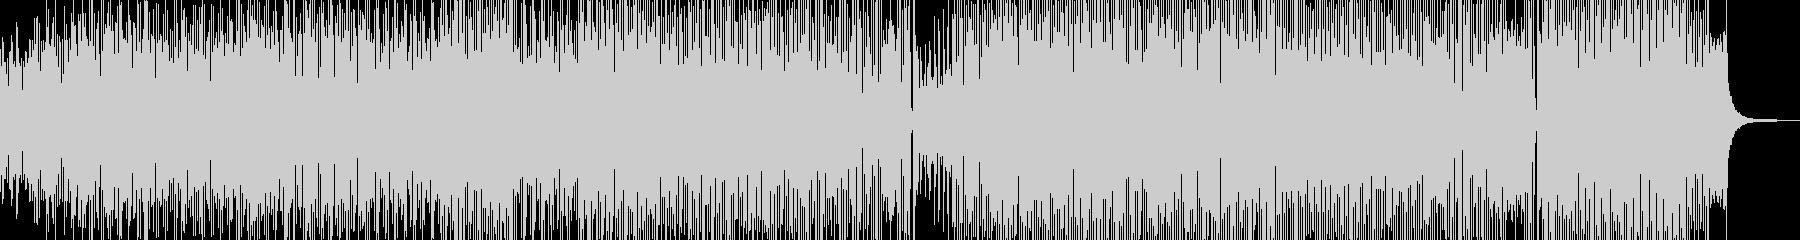 ピアノ・ディズニー風パレードポップの未再生の波形